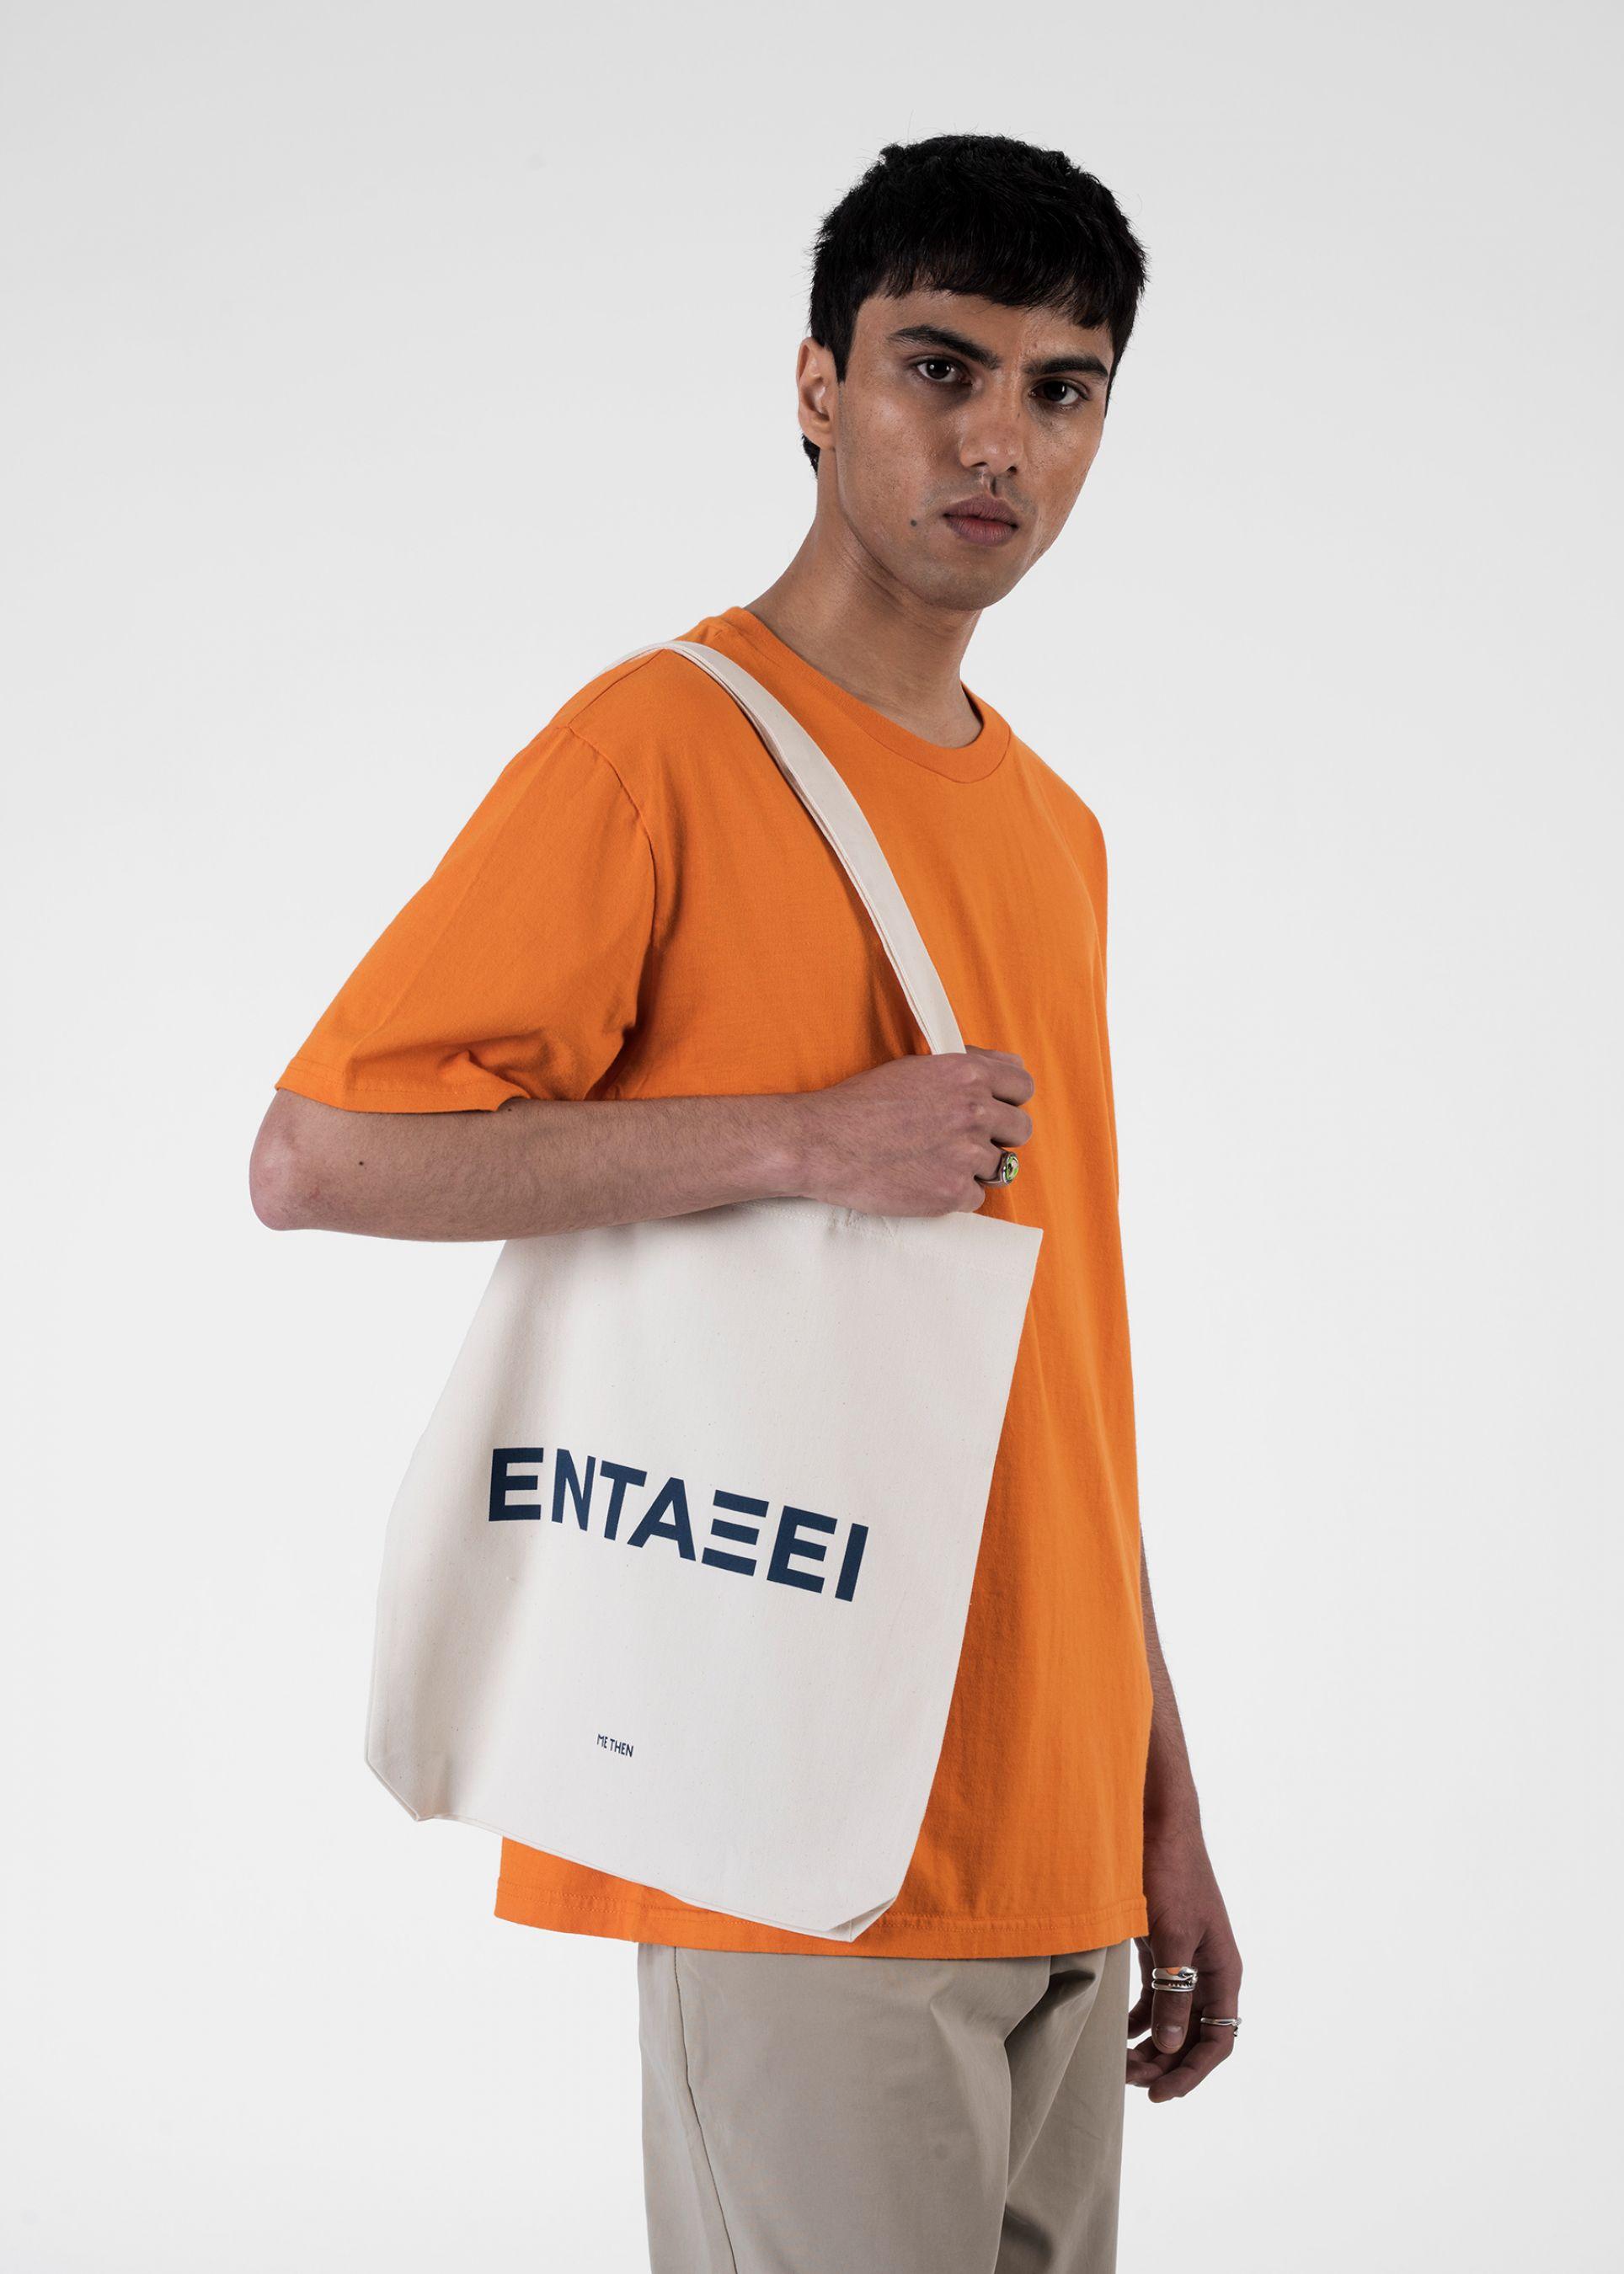 guy wearing vest